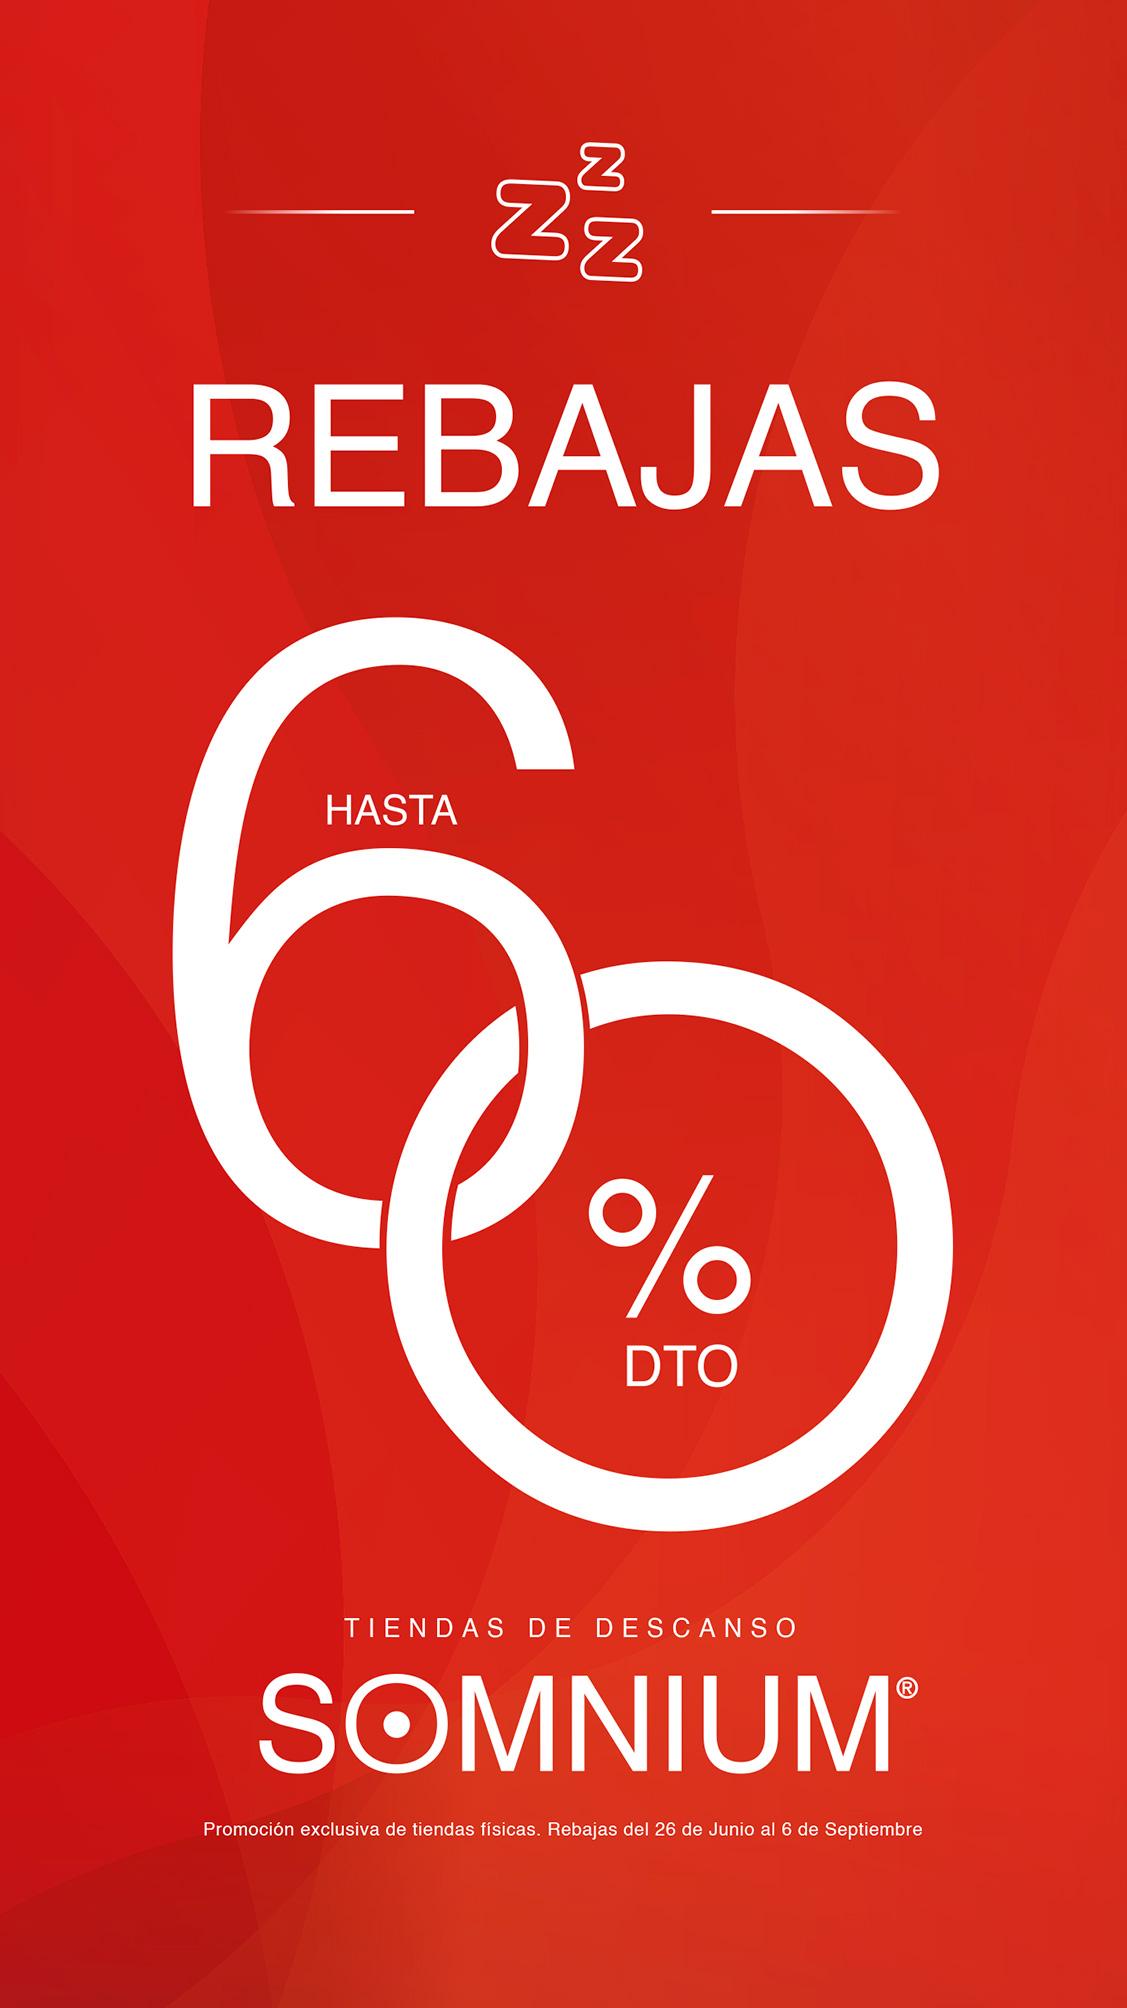 REBAJAS DE HASTA EL 60% EN SOMNIUM